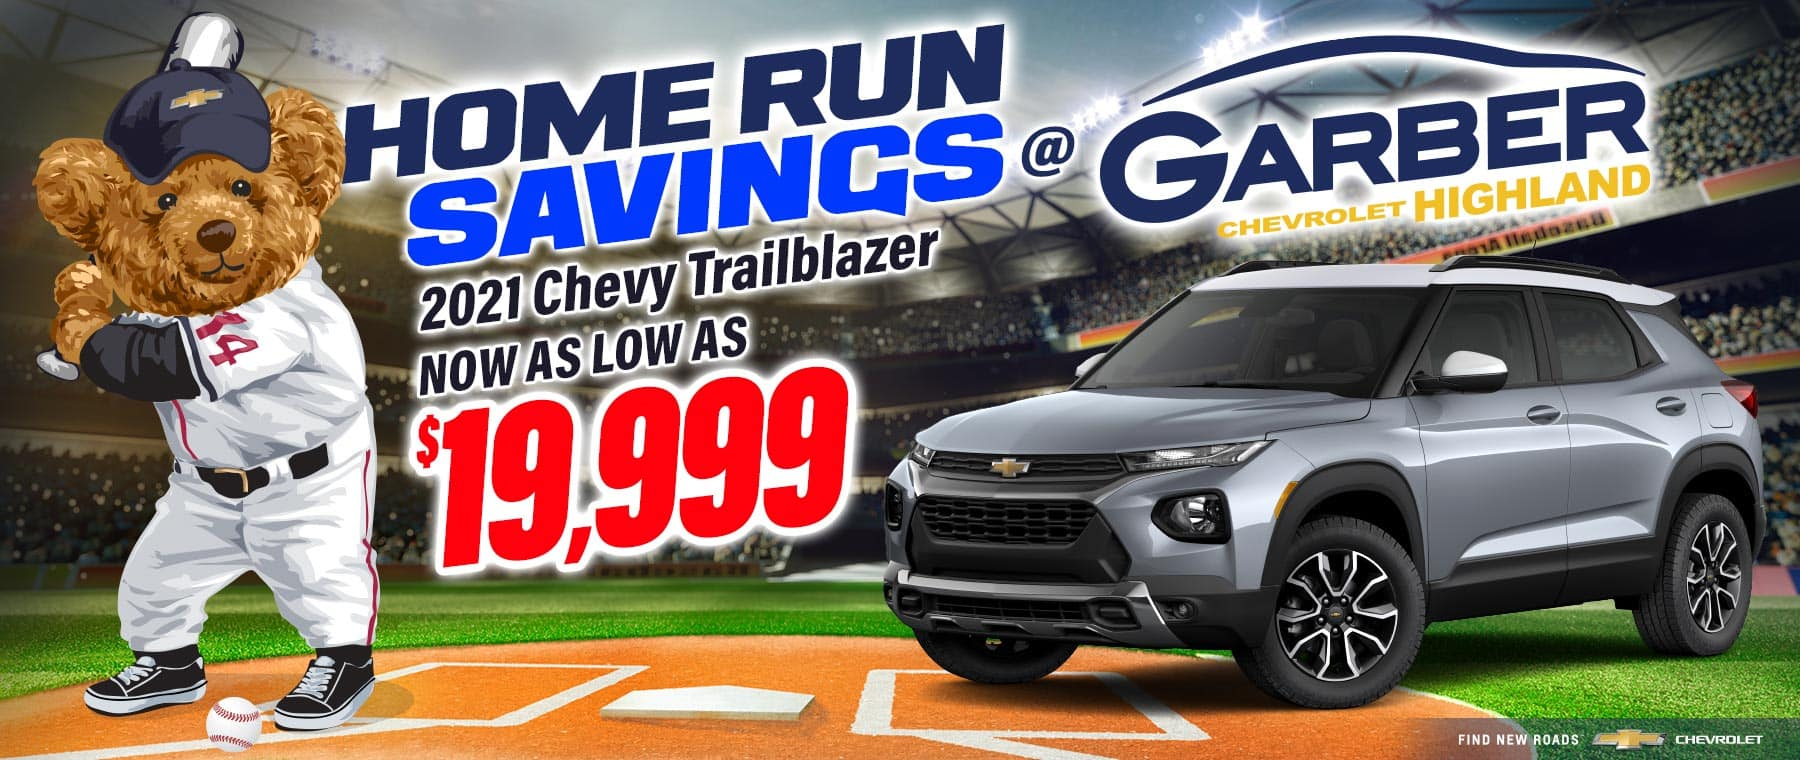 2021 Chevy Trailblazer - now as low as $19,999